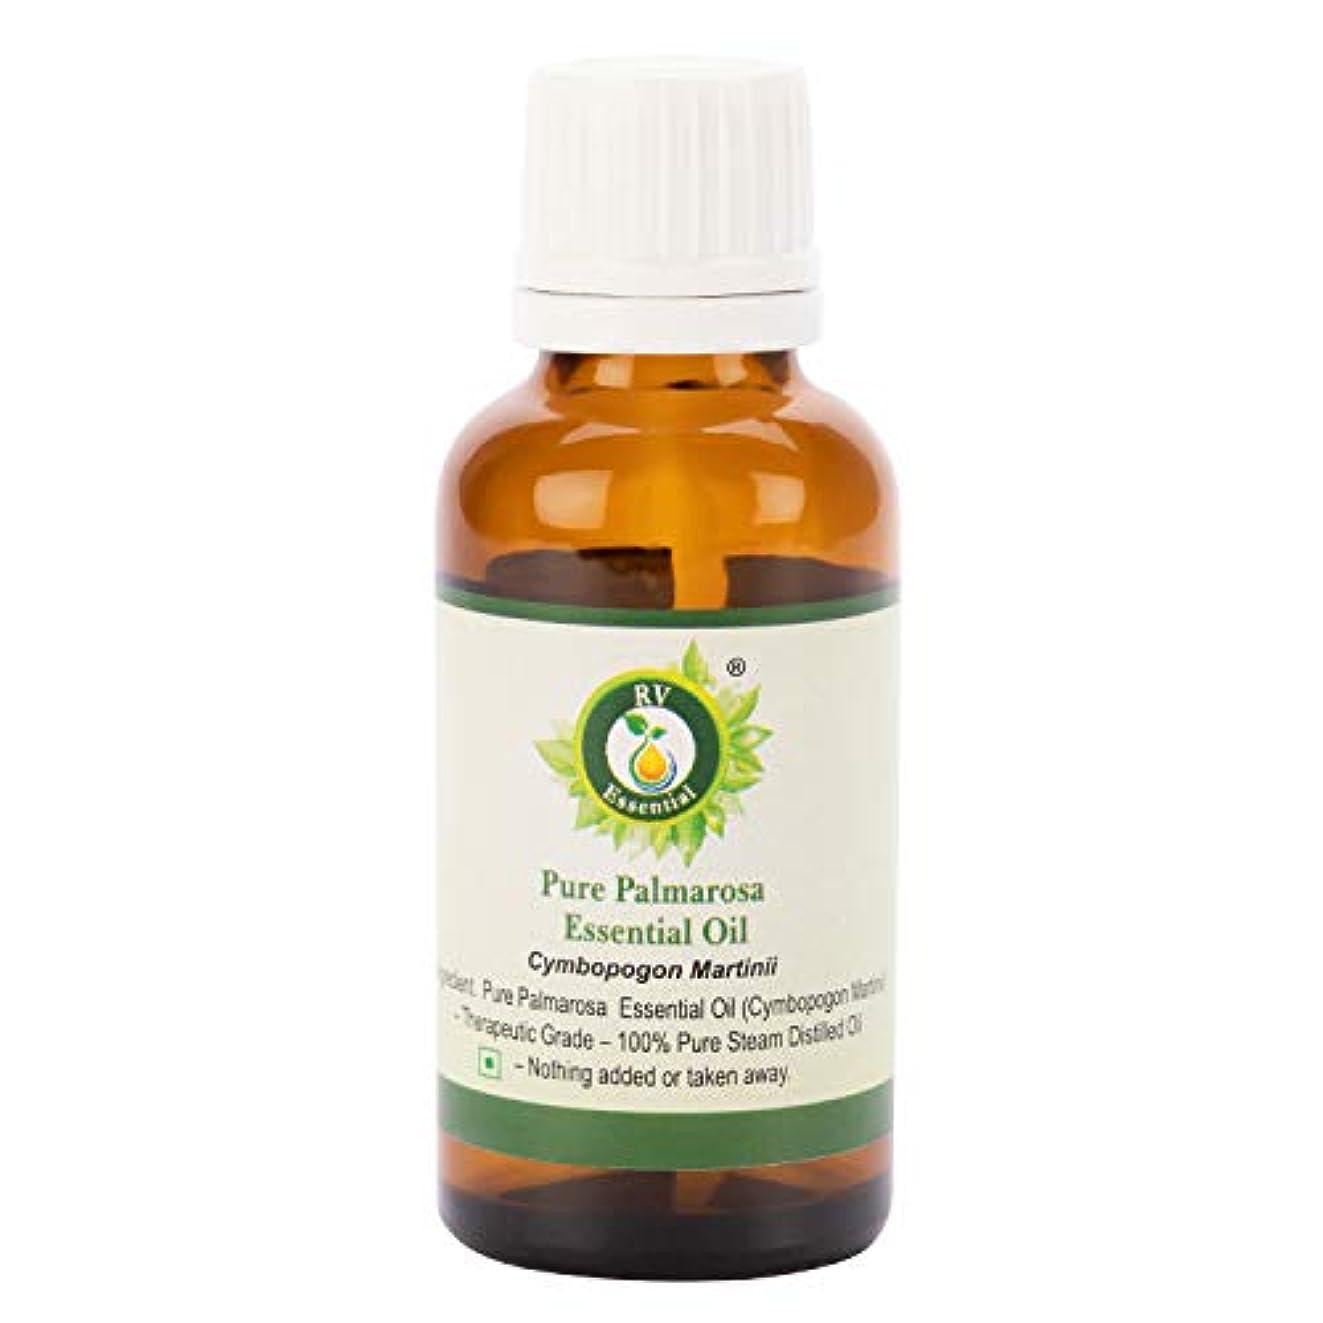 ホステル寝具海ピュアパルマローザエッセンシャルオイル5ml (0.169oz)- Cymbopogon Martinii (100%純粋&天然スチームDistilled) Pure Palmarosa Essential Oil